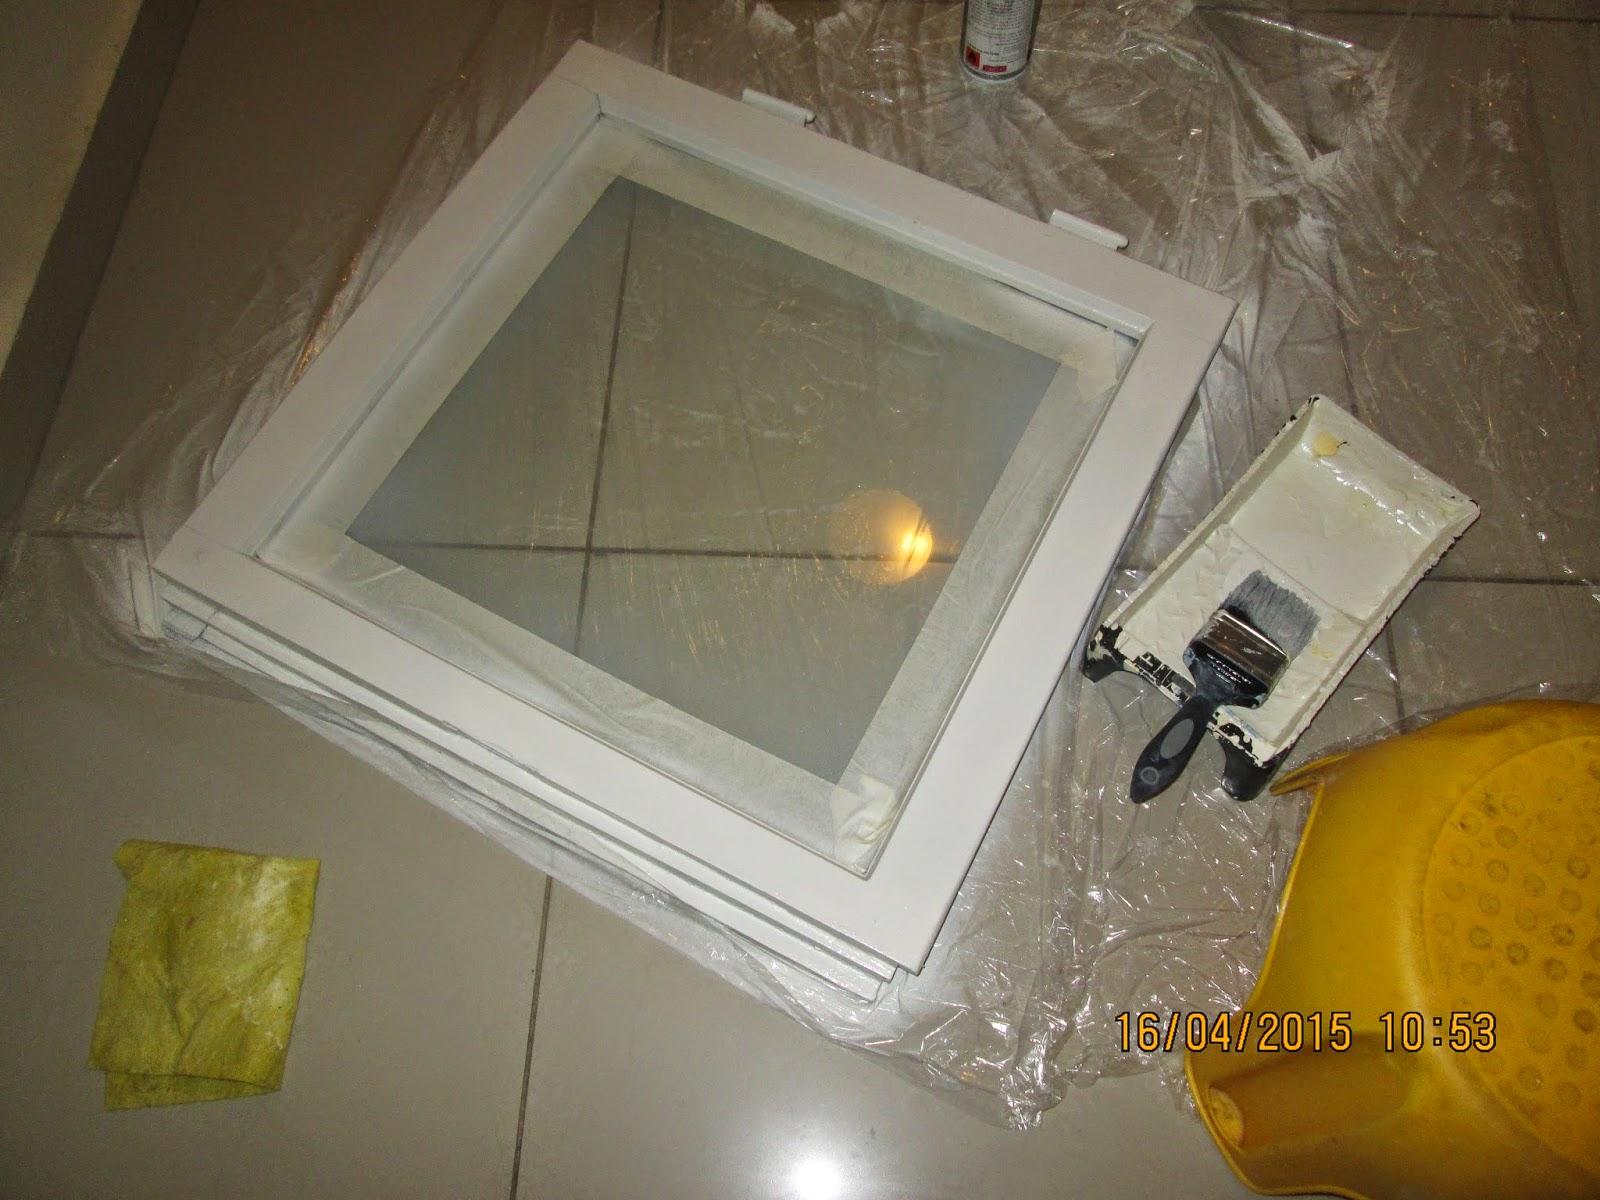 IMG 0012 - מה עושים עם חלון ישן?